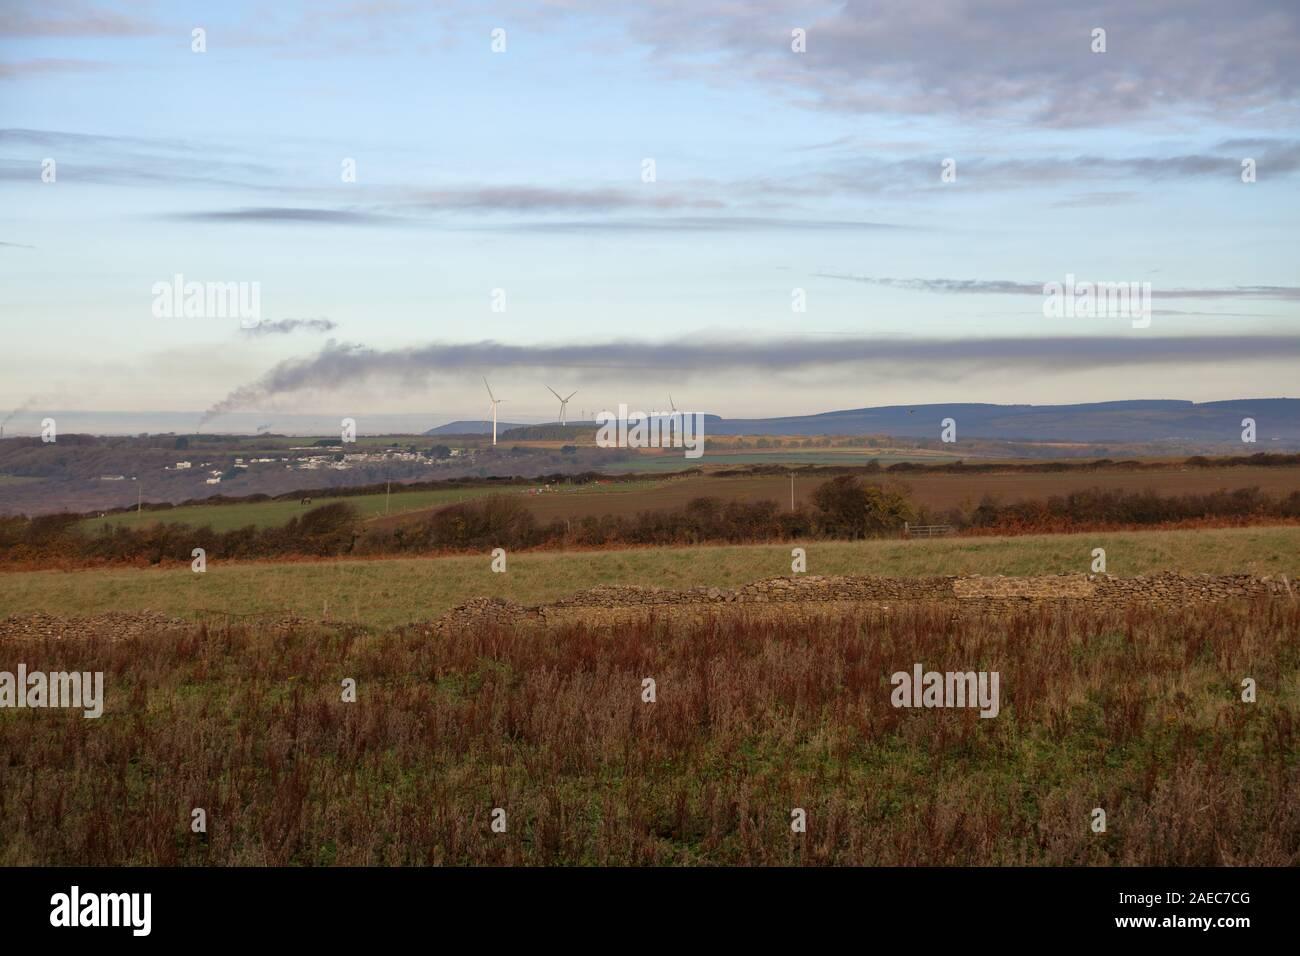 Le grand panache de fumée provenant de l'aciérie à Port Talbot, dans le sud du Pays de Galles à partir de 10 milles de distance et de dériver à travers la campagne. Banque D'Images